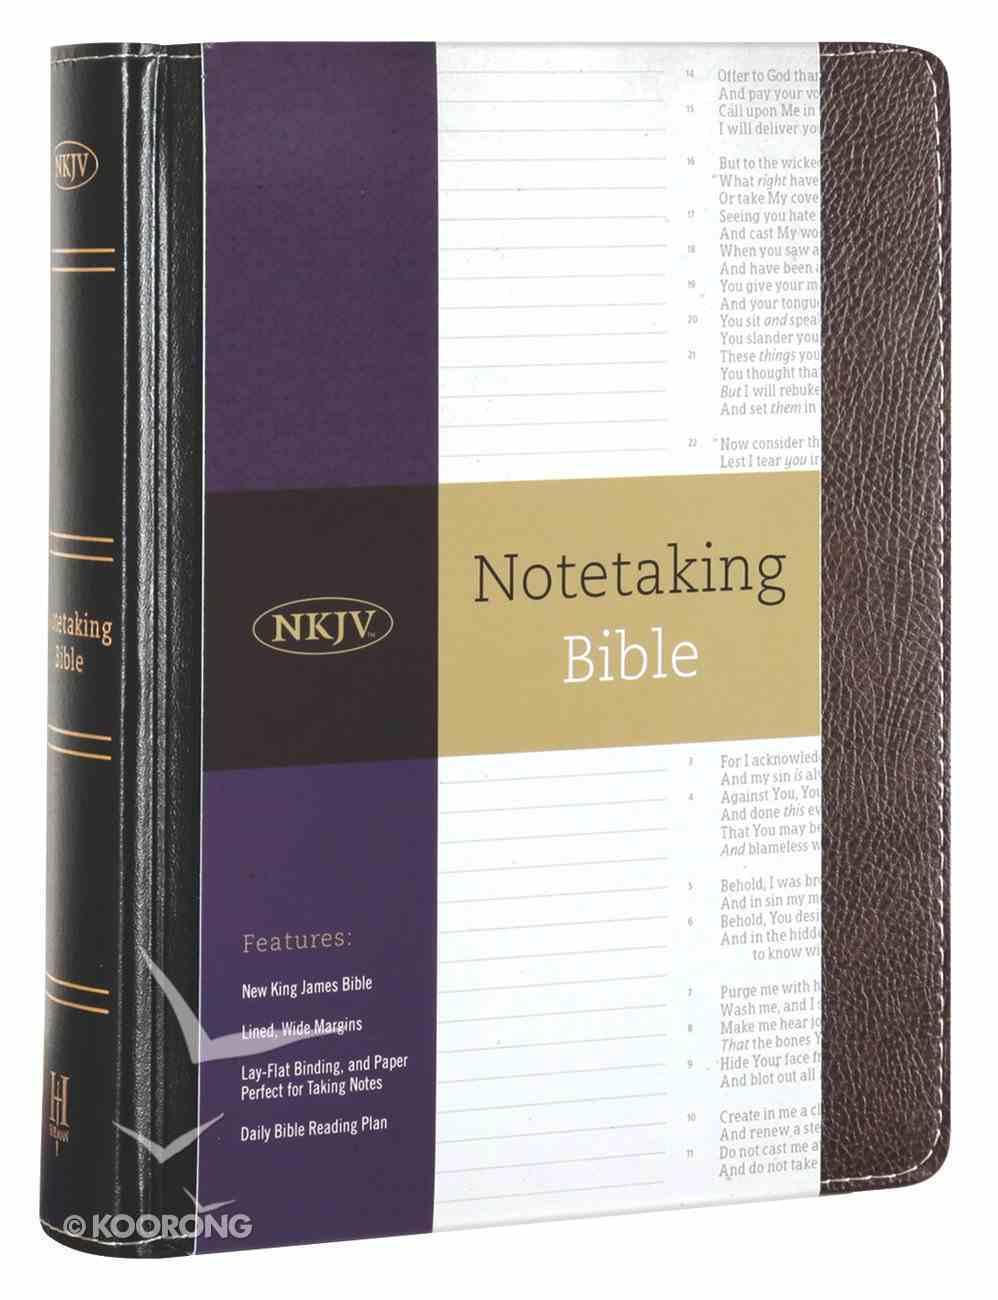 NKJV Notetaking Bible Black/Brown (Red Letter Edition) Bonded Leather